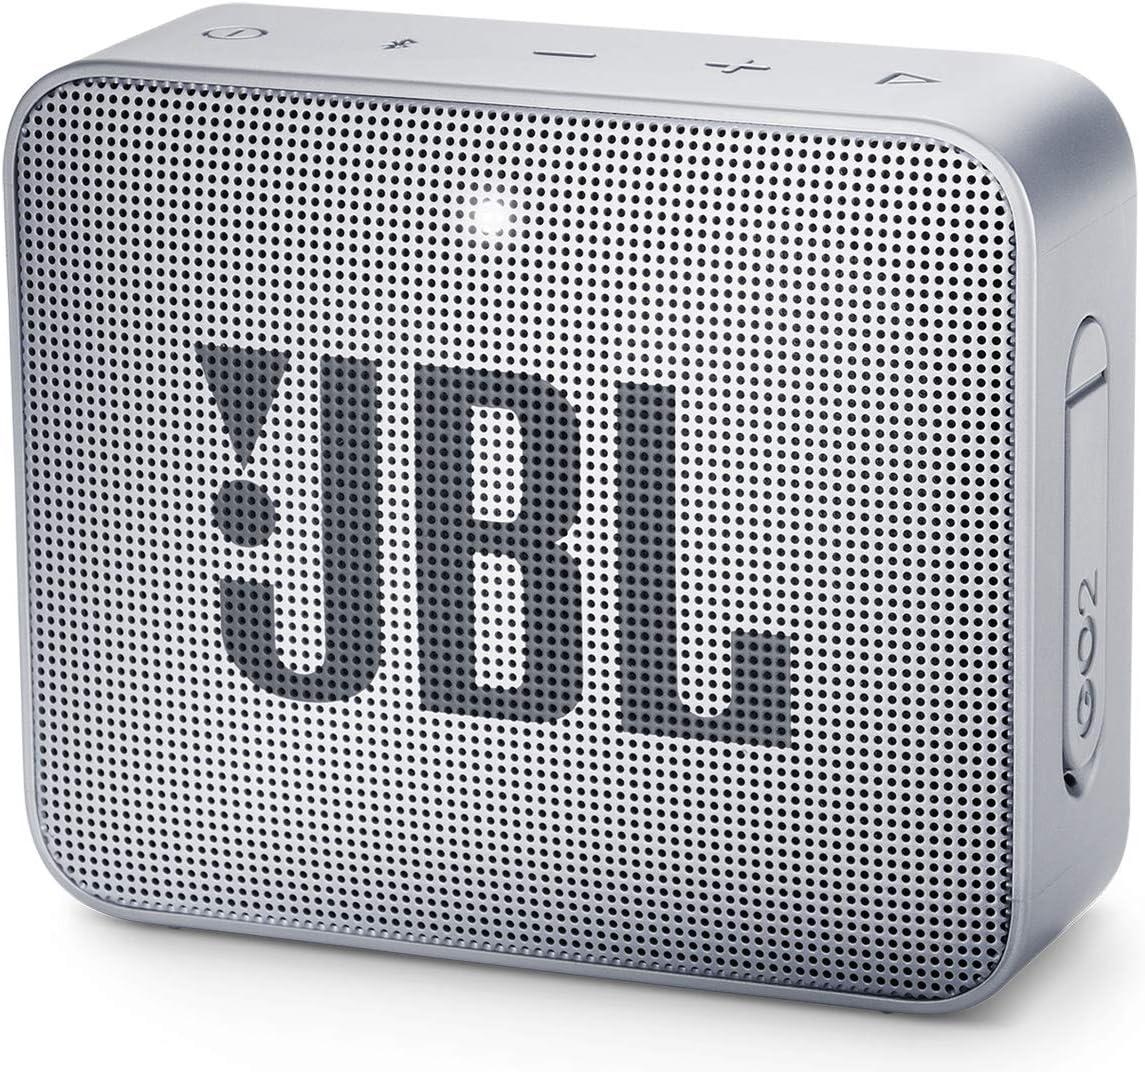 JBL GO2 - Waterproof Ultra Portable Bluetooth Speaker